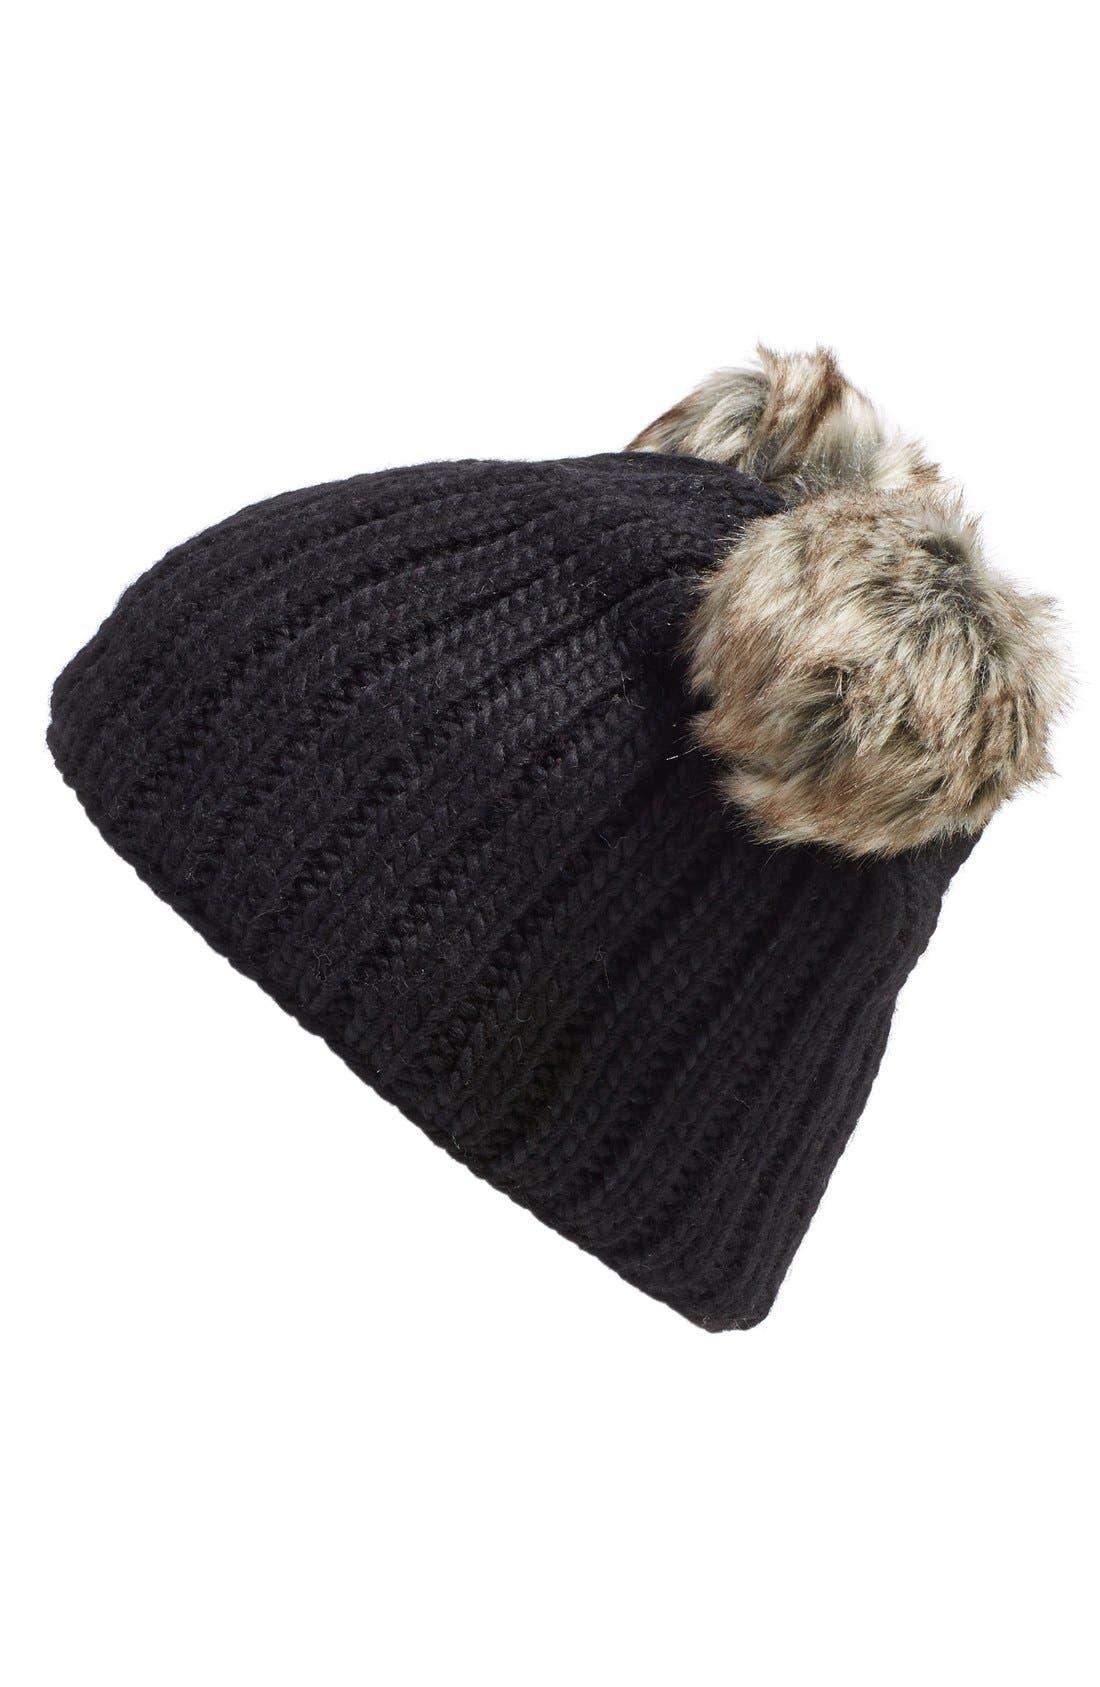 Nirvanna Designs 'DoublePom' Knit Beanie